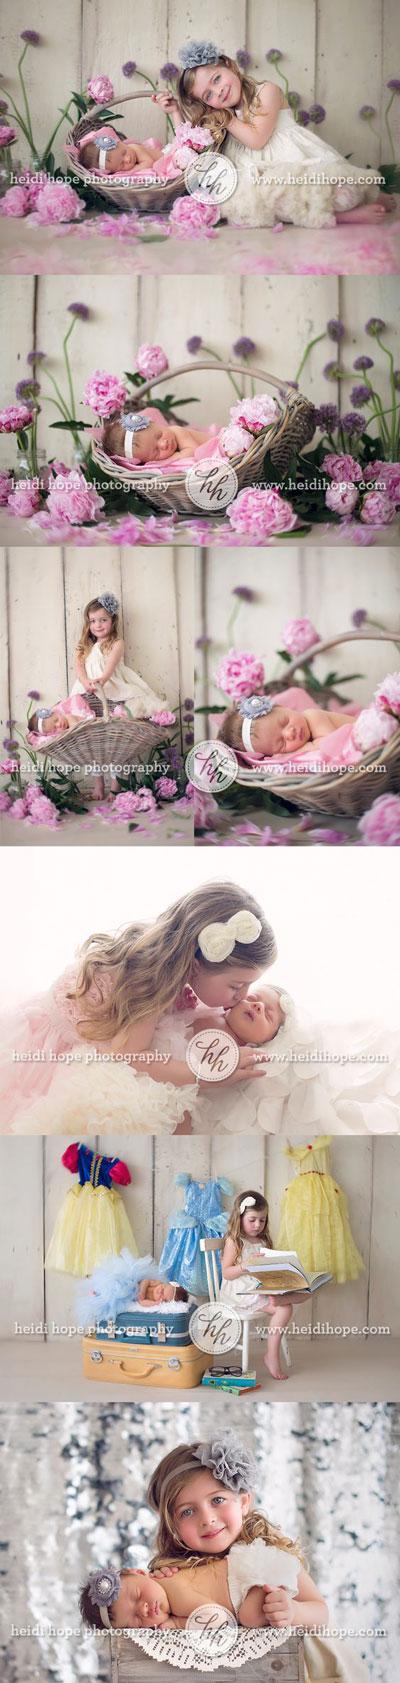 идеи для фотосессии новорожденных: малыш и сестра